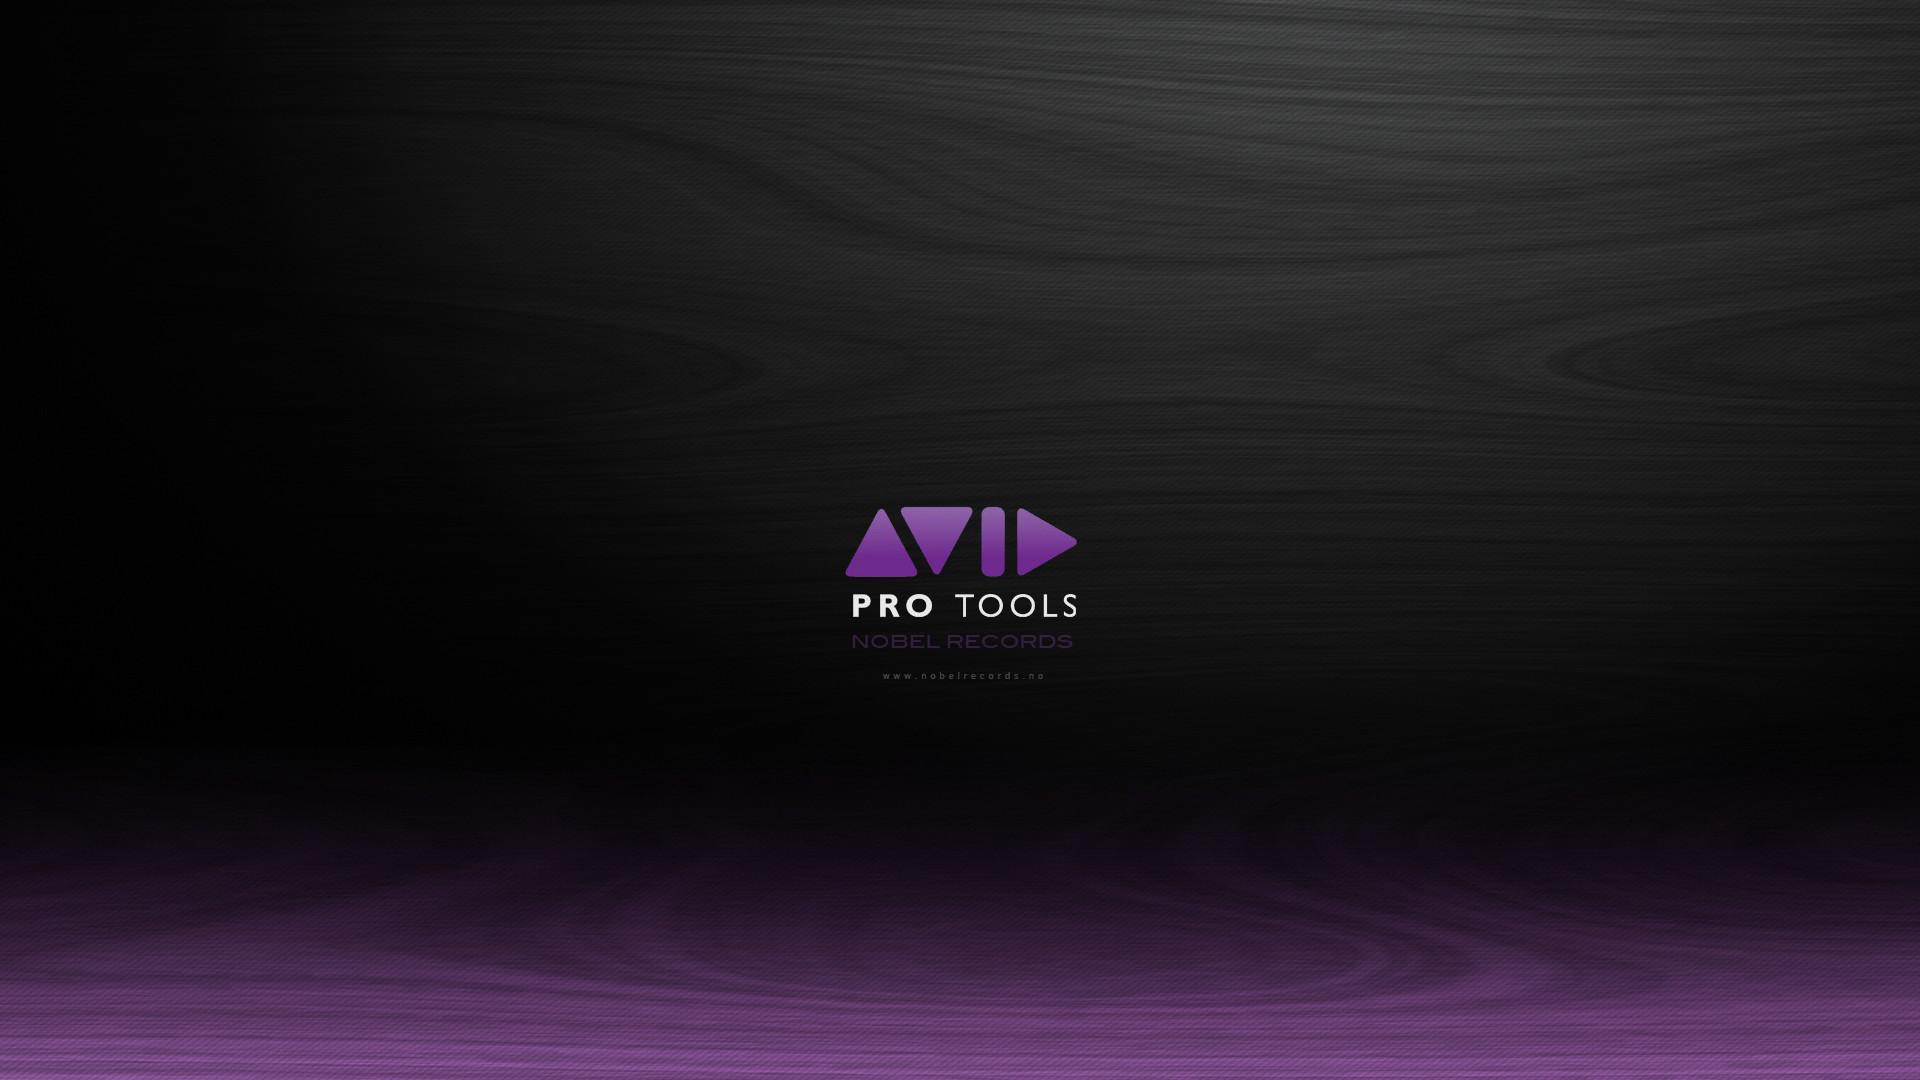 Pro Tools HD Wallpaper